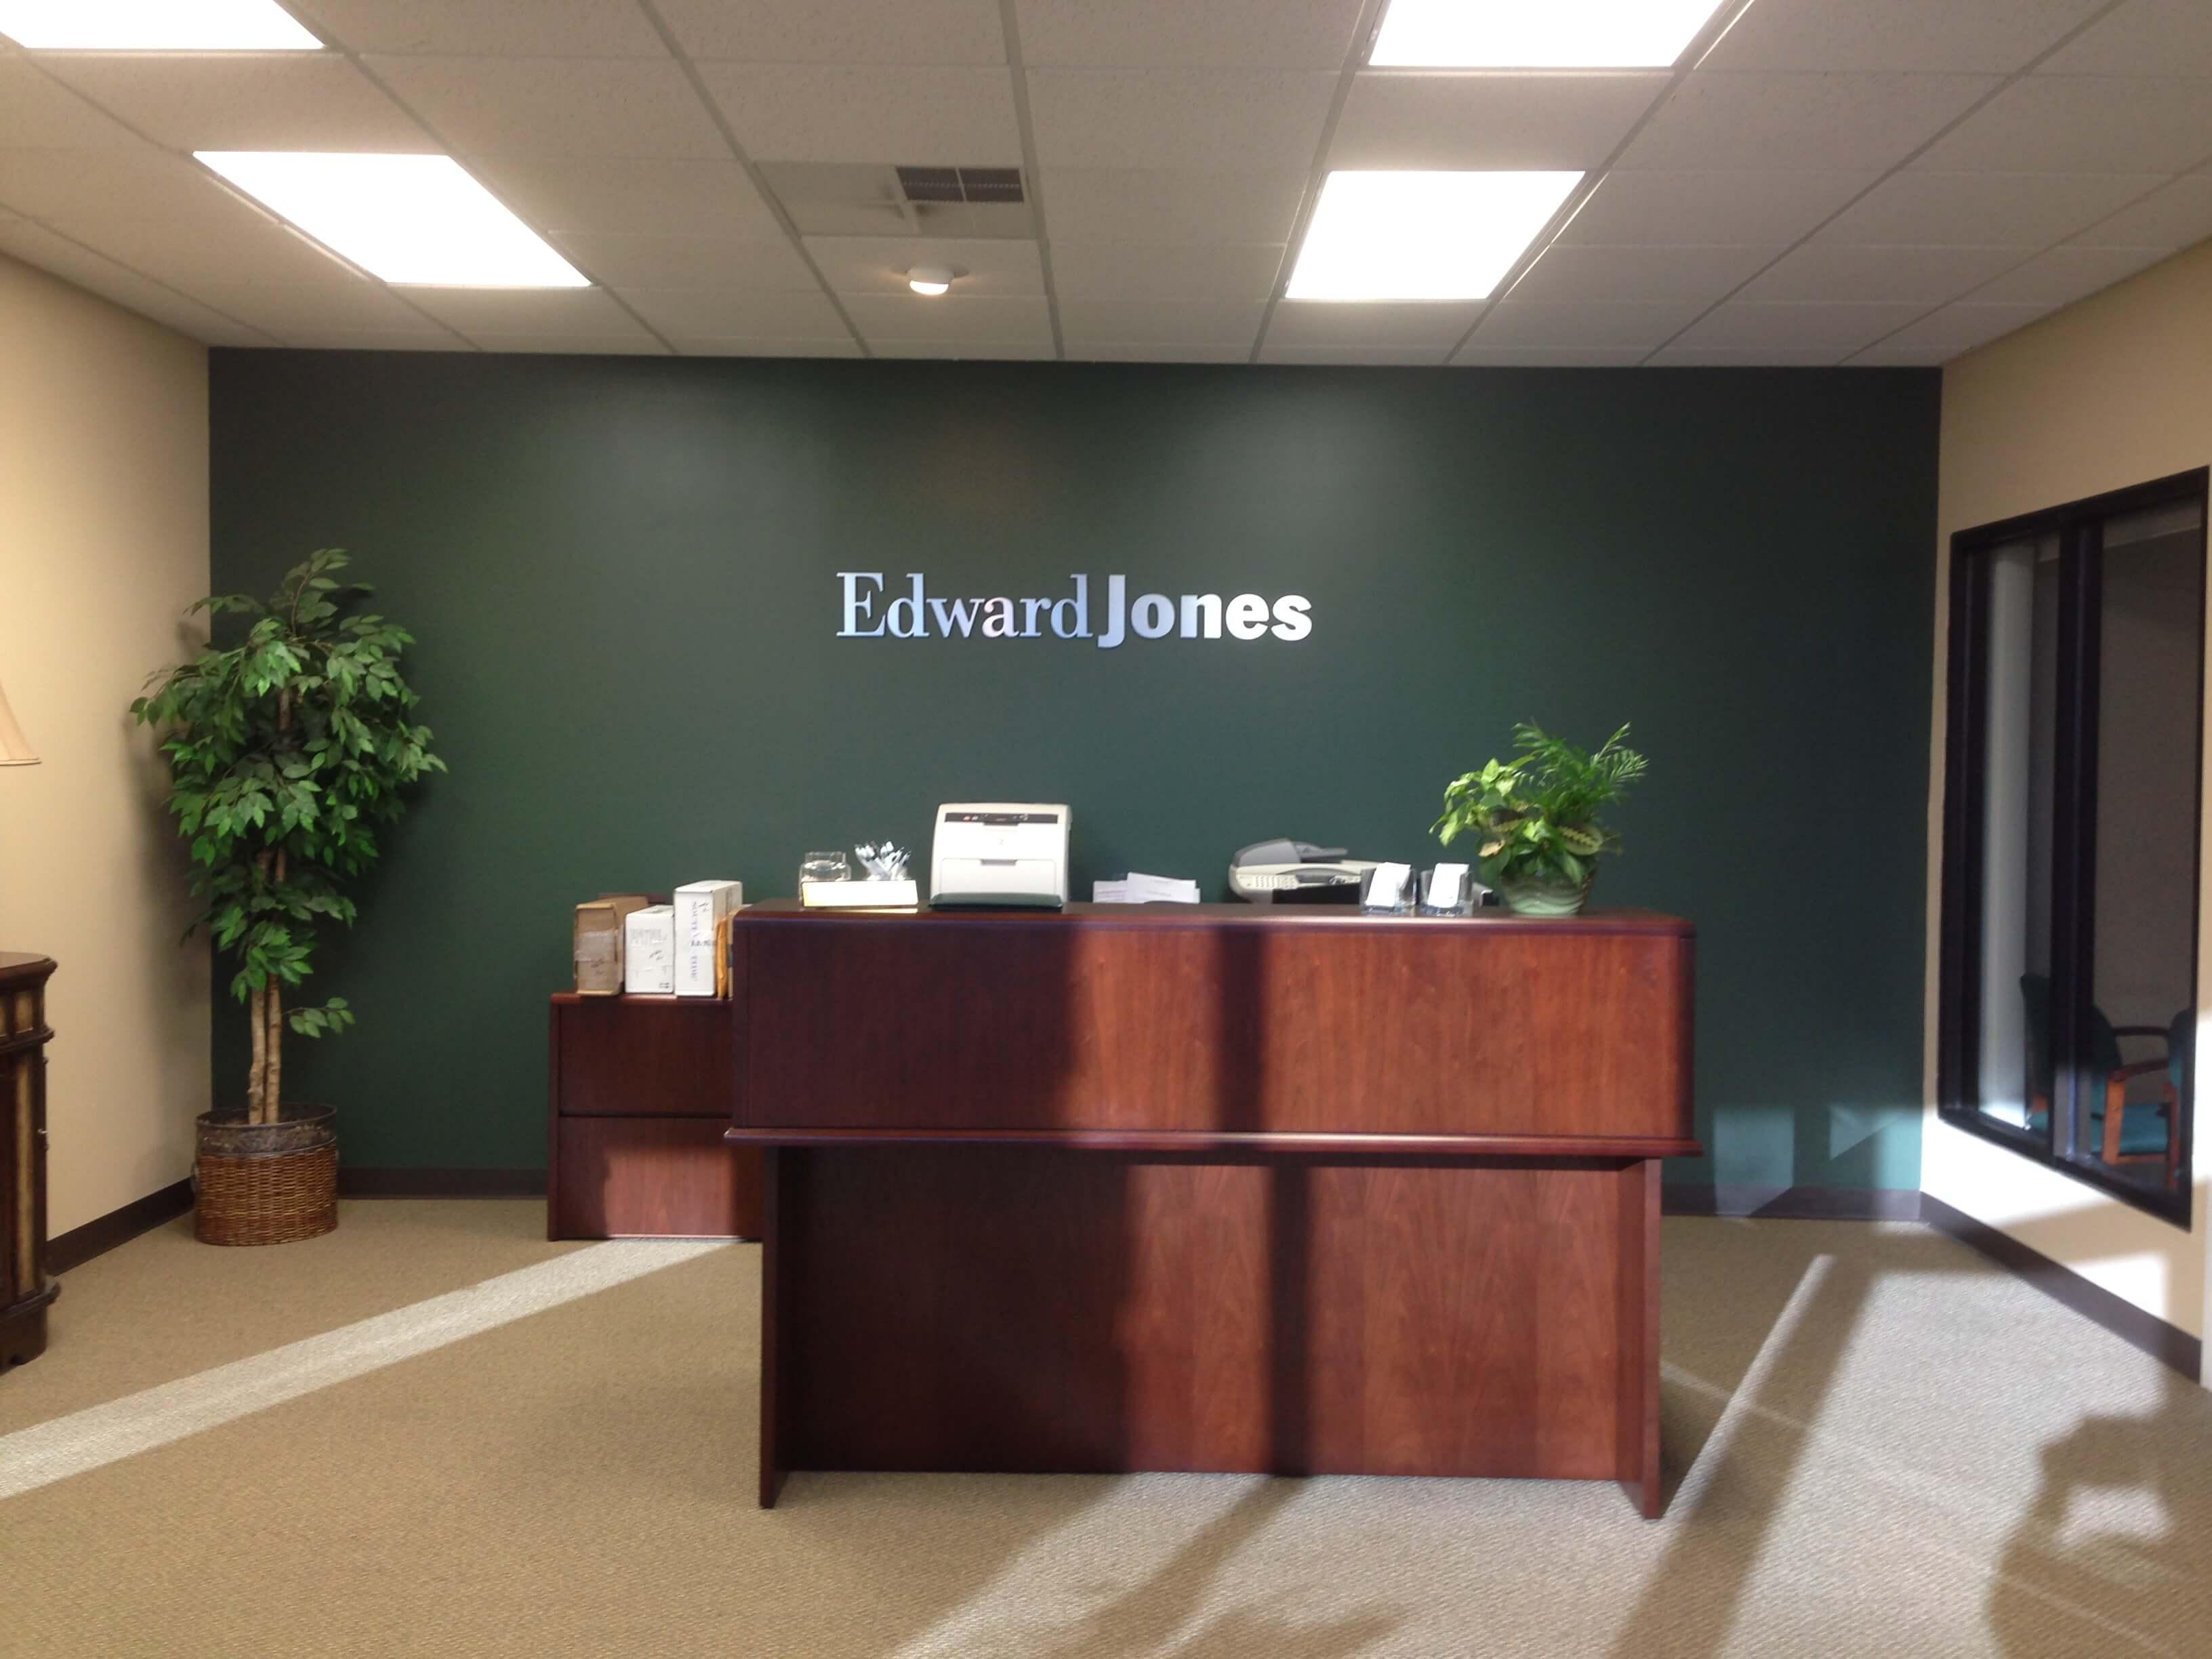 edward jones Virginia